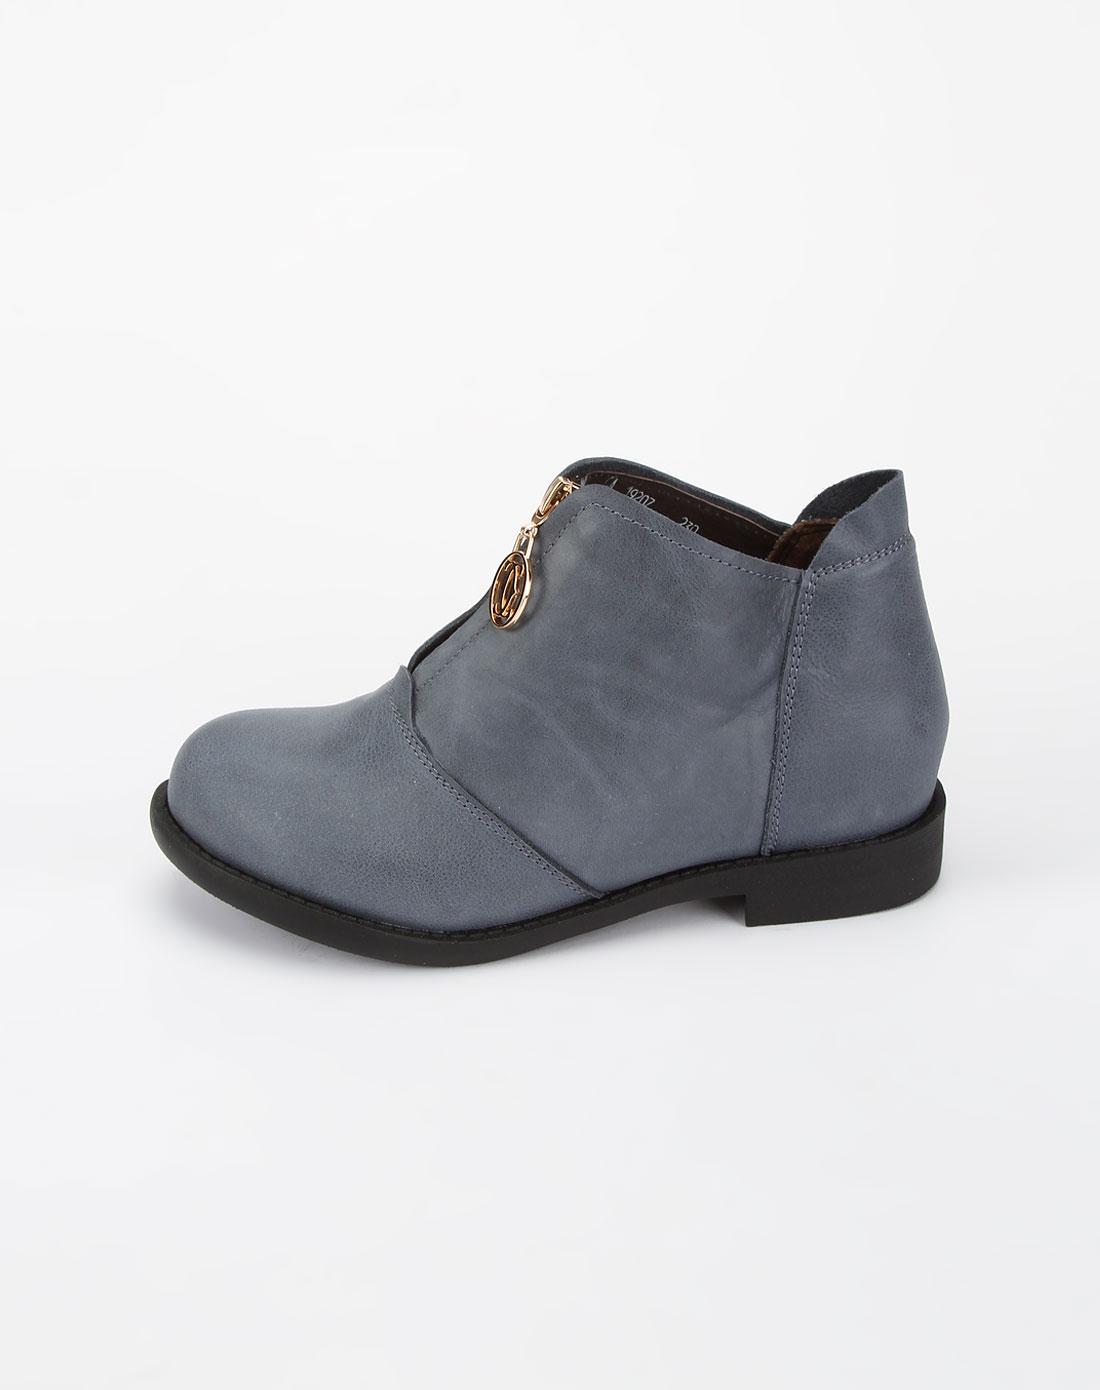 哈森旗下品牌女鞋混合专场-卡文女款蓝色前拉链压纹皮鞋图片